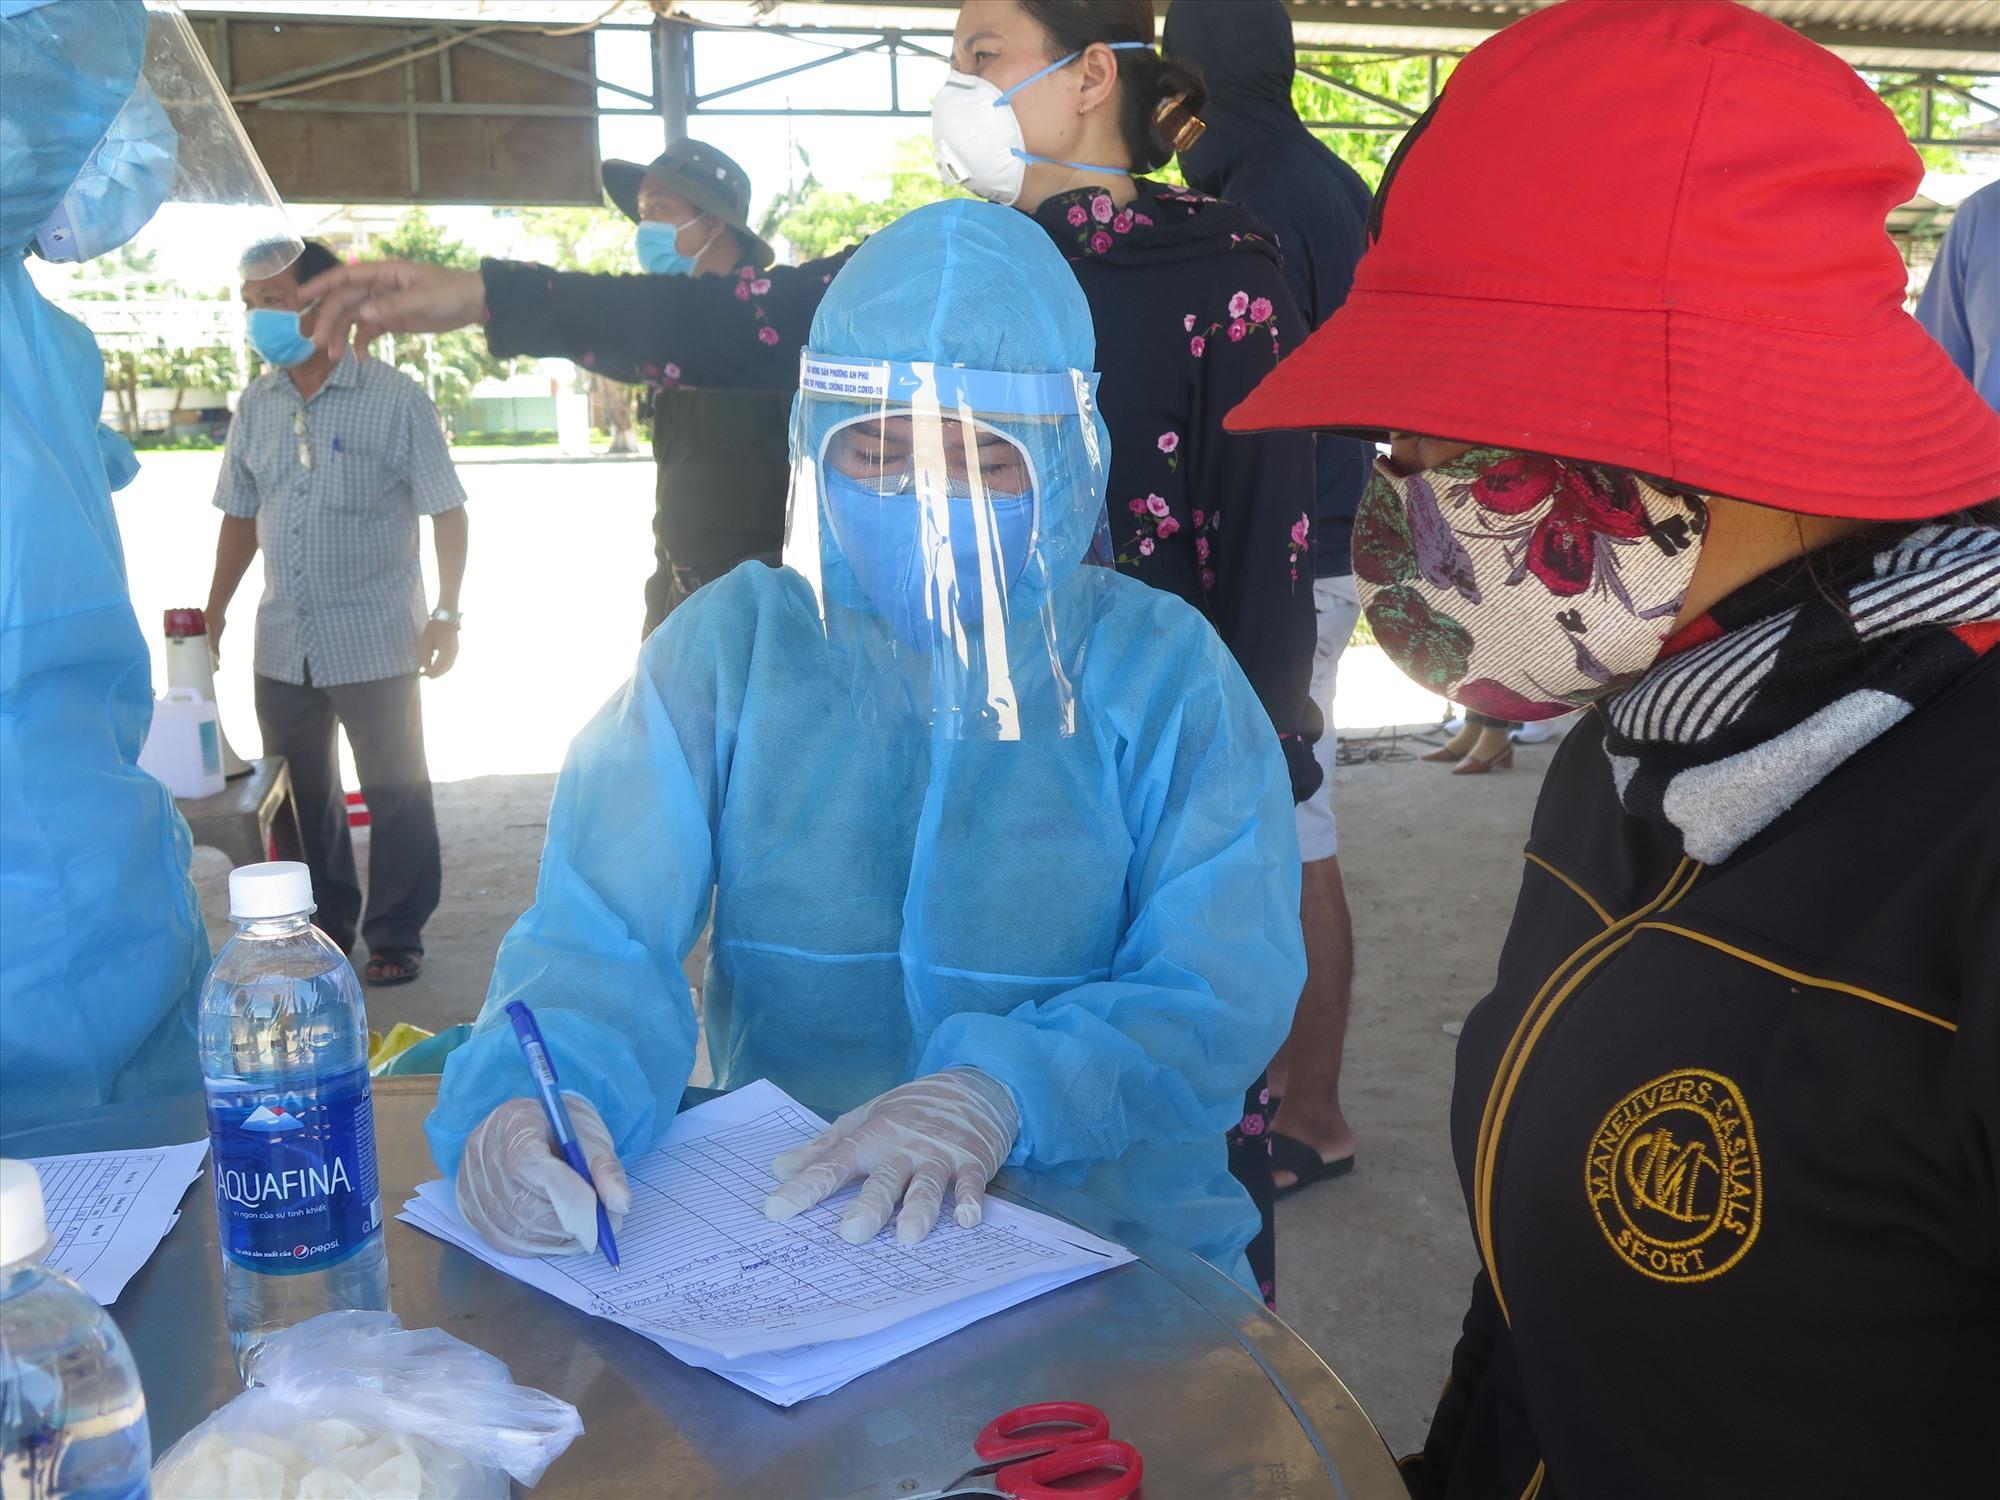 Thực hiện lấy mẫu xét nghiệm diện rộng là cách để phát hiện chính xác các ca bệnh.